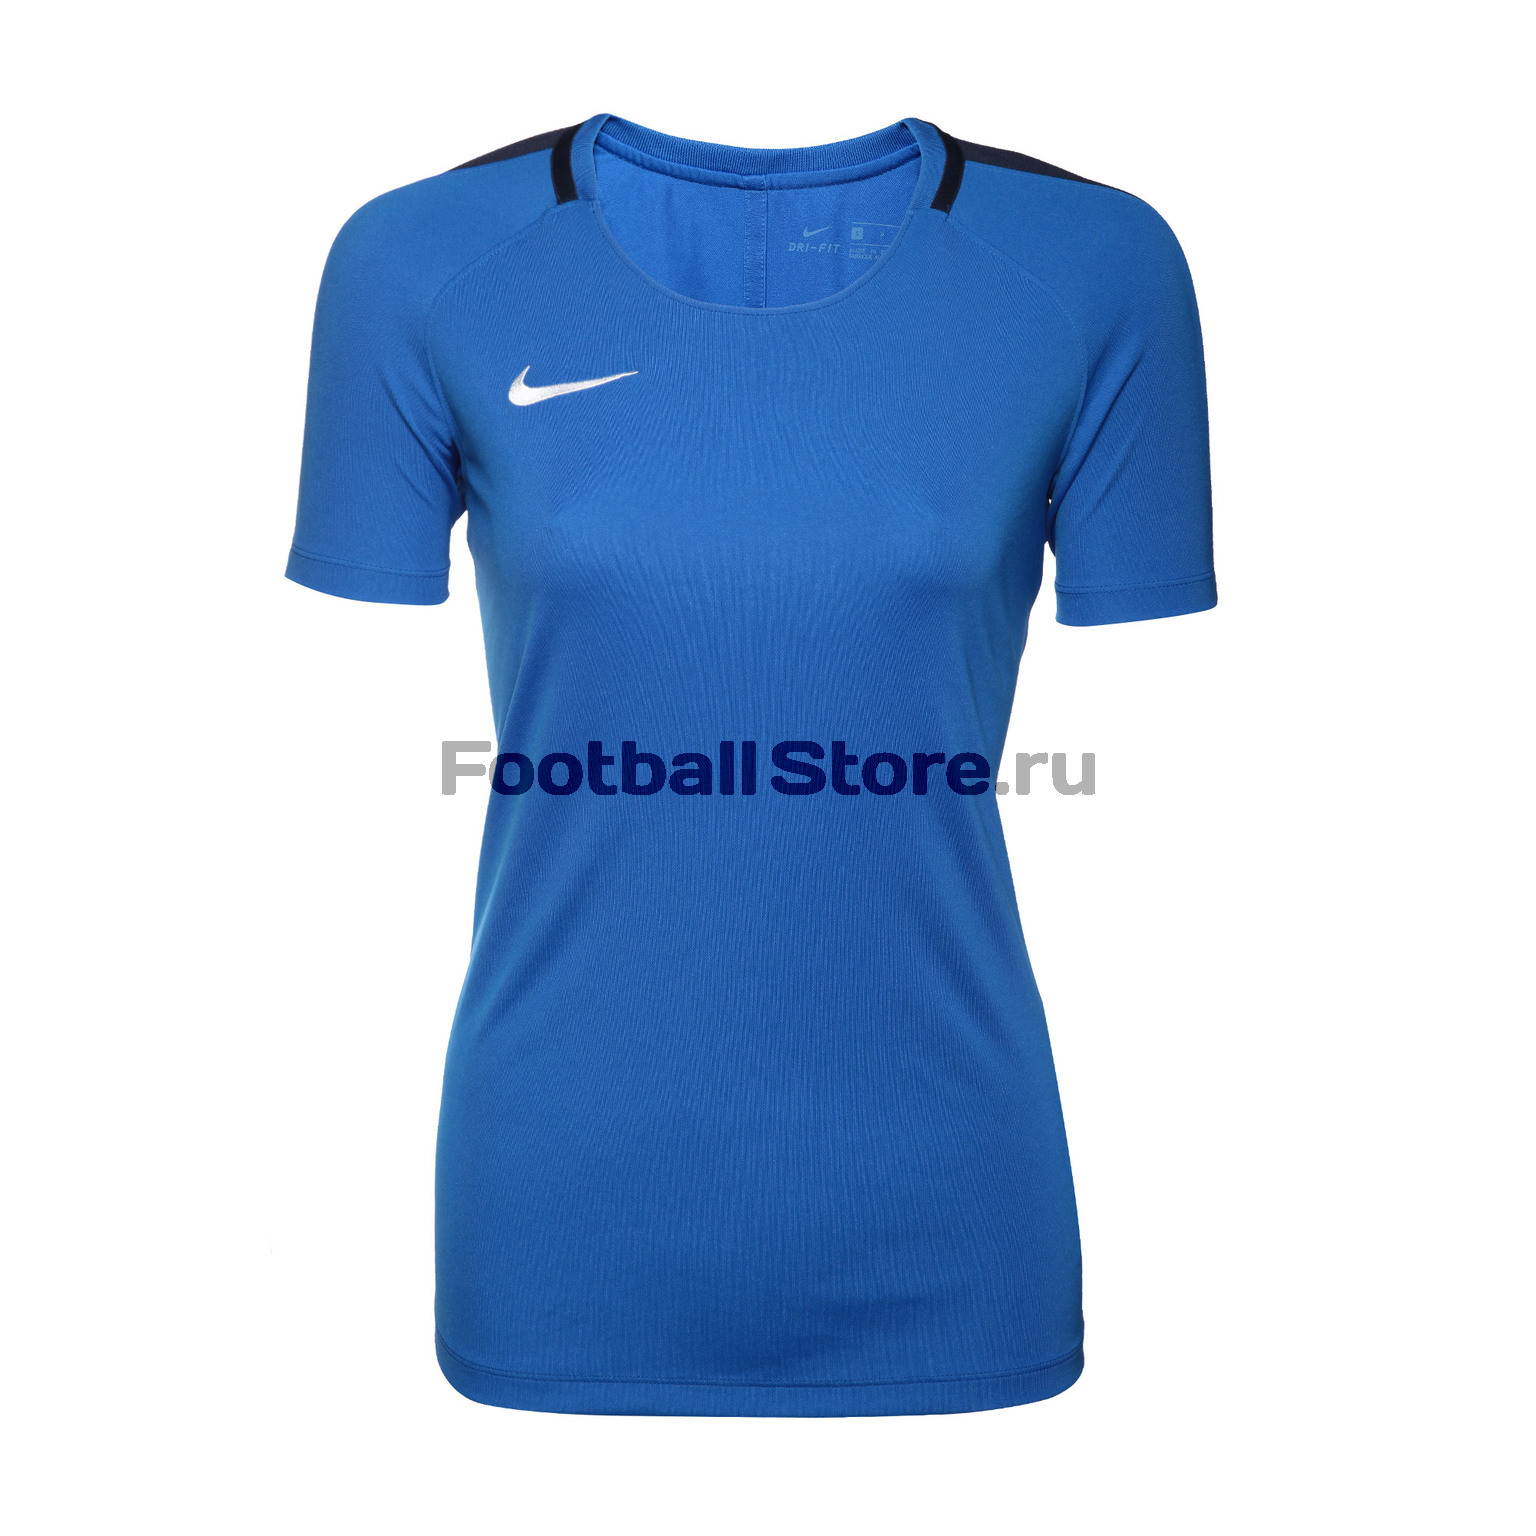 Футболка тренировочная женская Nike Academy 893741-463 футболка тренировочная nike ss academy trng top 588468 463